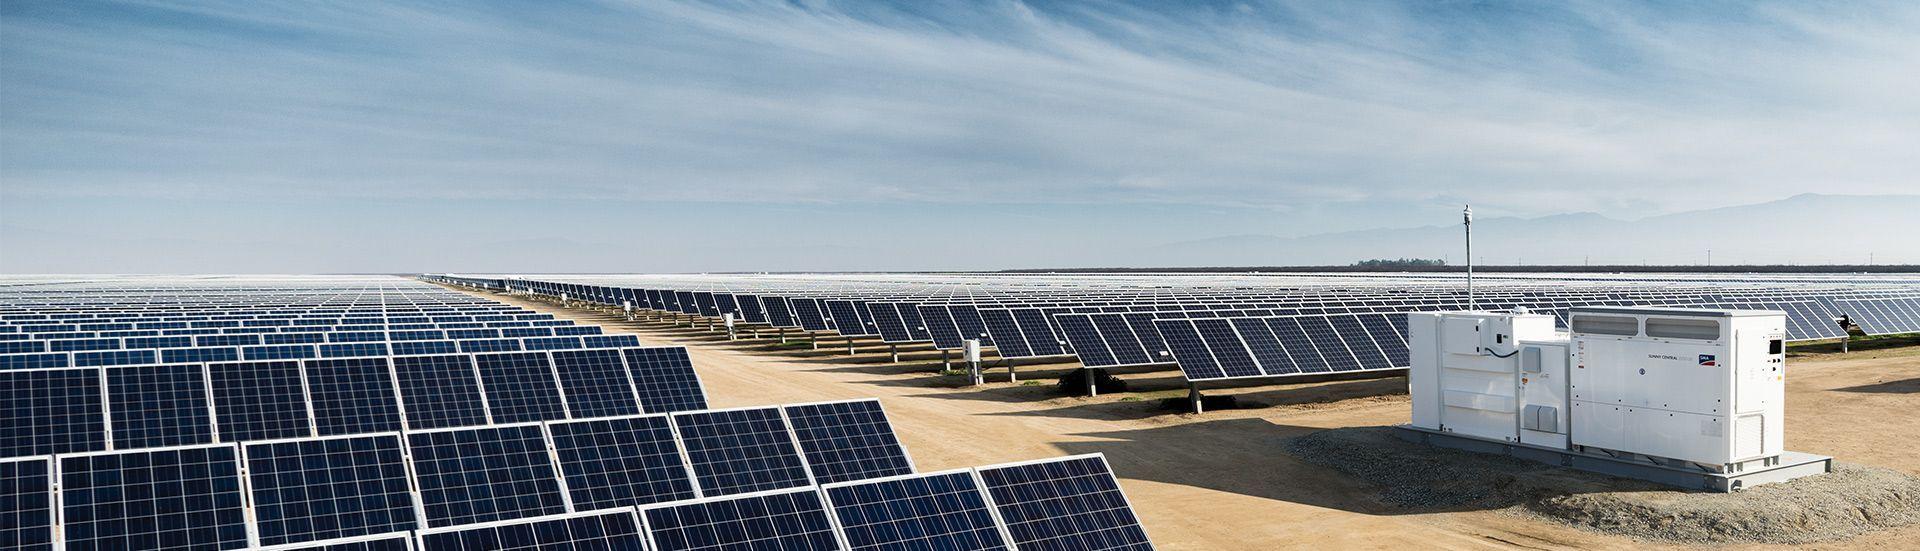 PV power plants - solar park